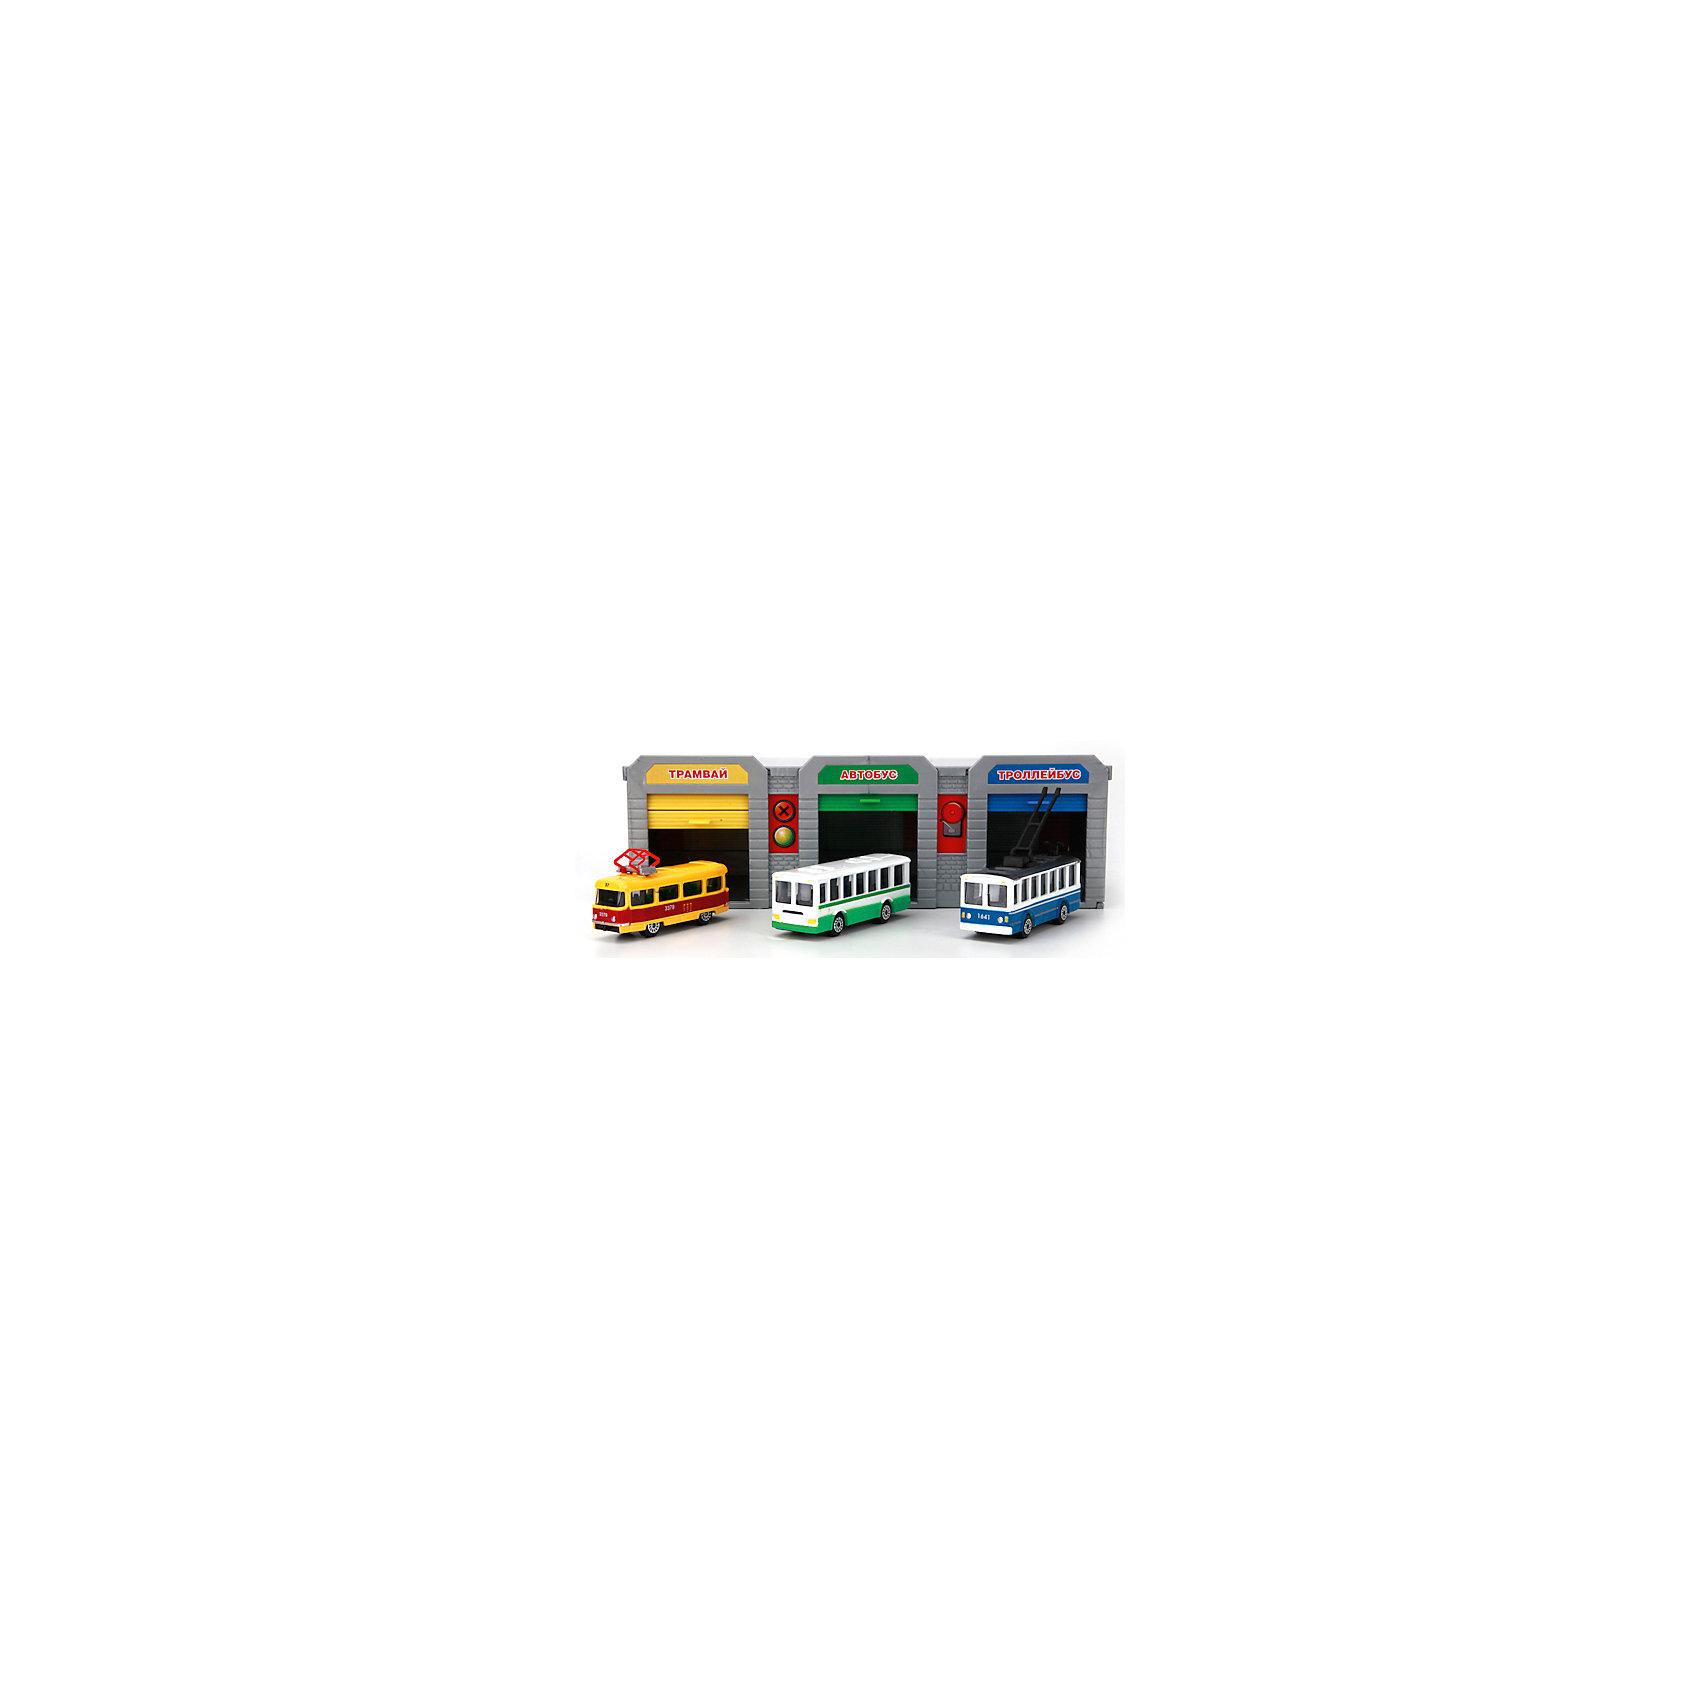 ТЕХНОПАРК Гараж Городской транспортный парк с 3 машинами, Технопарк купить гараж в москве путевой проезд